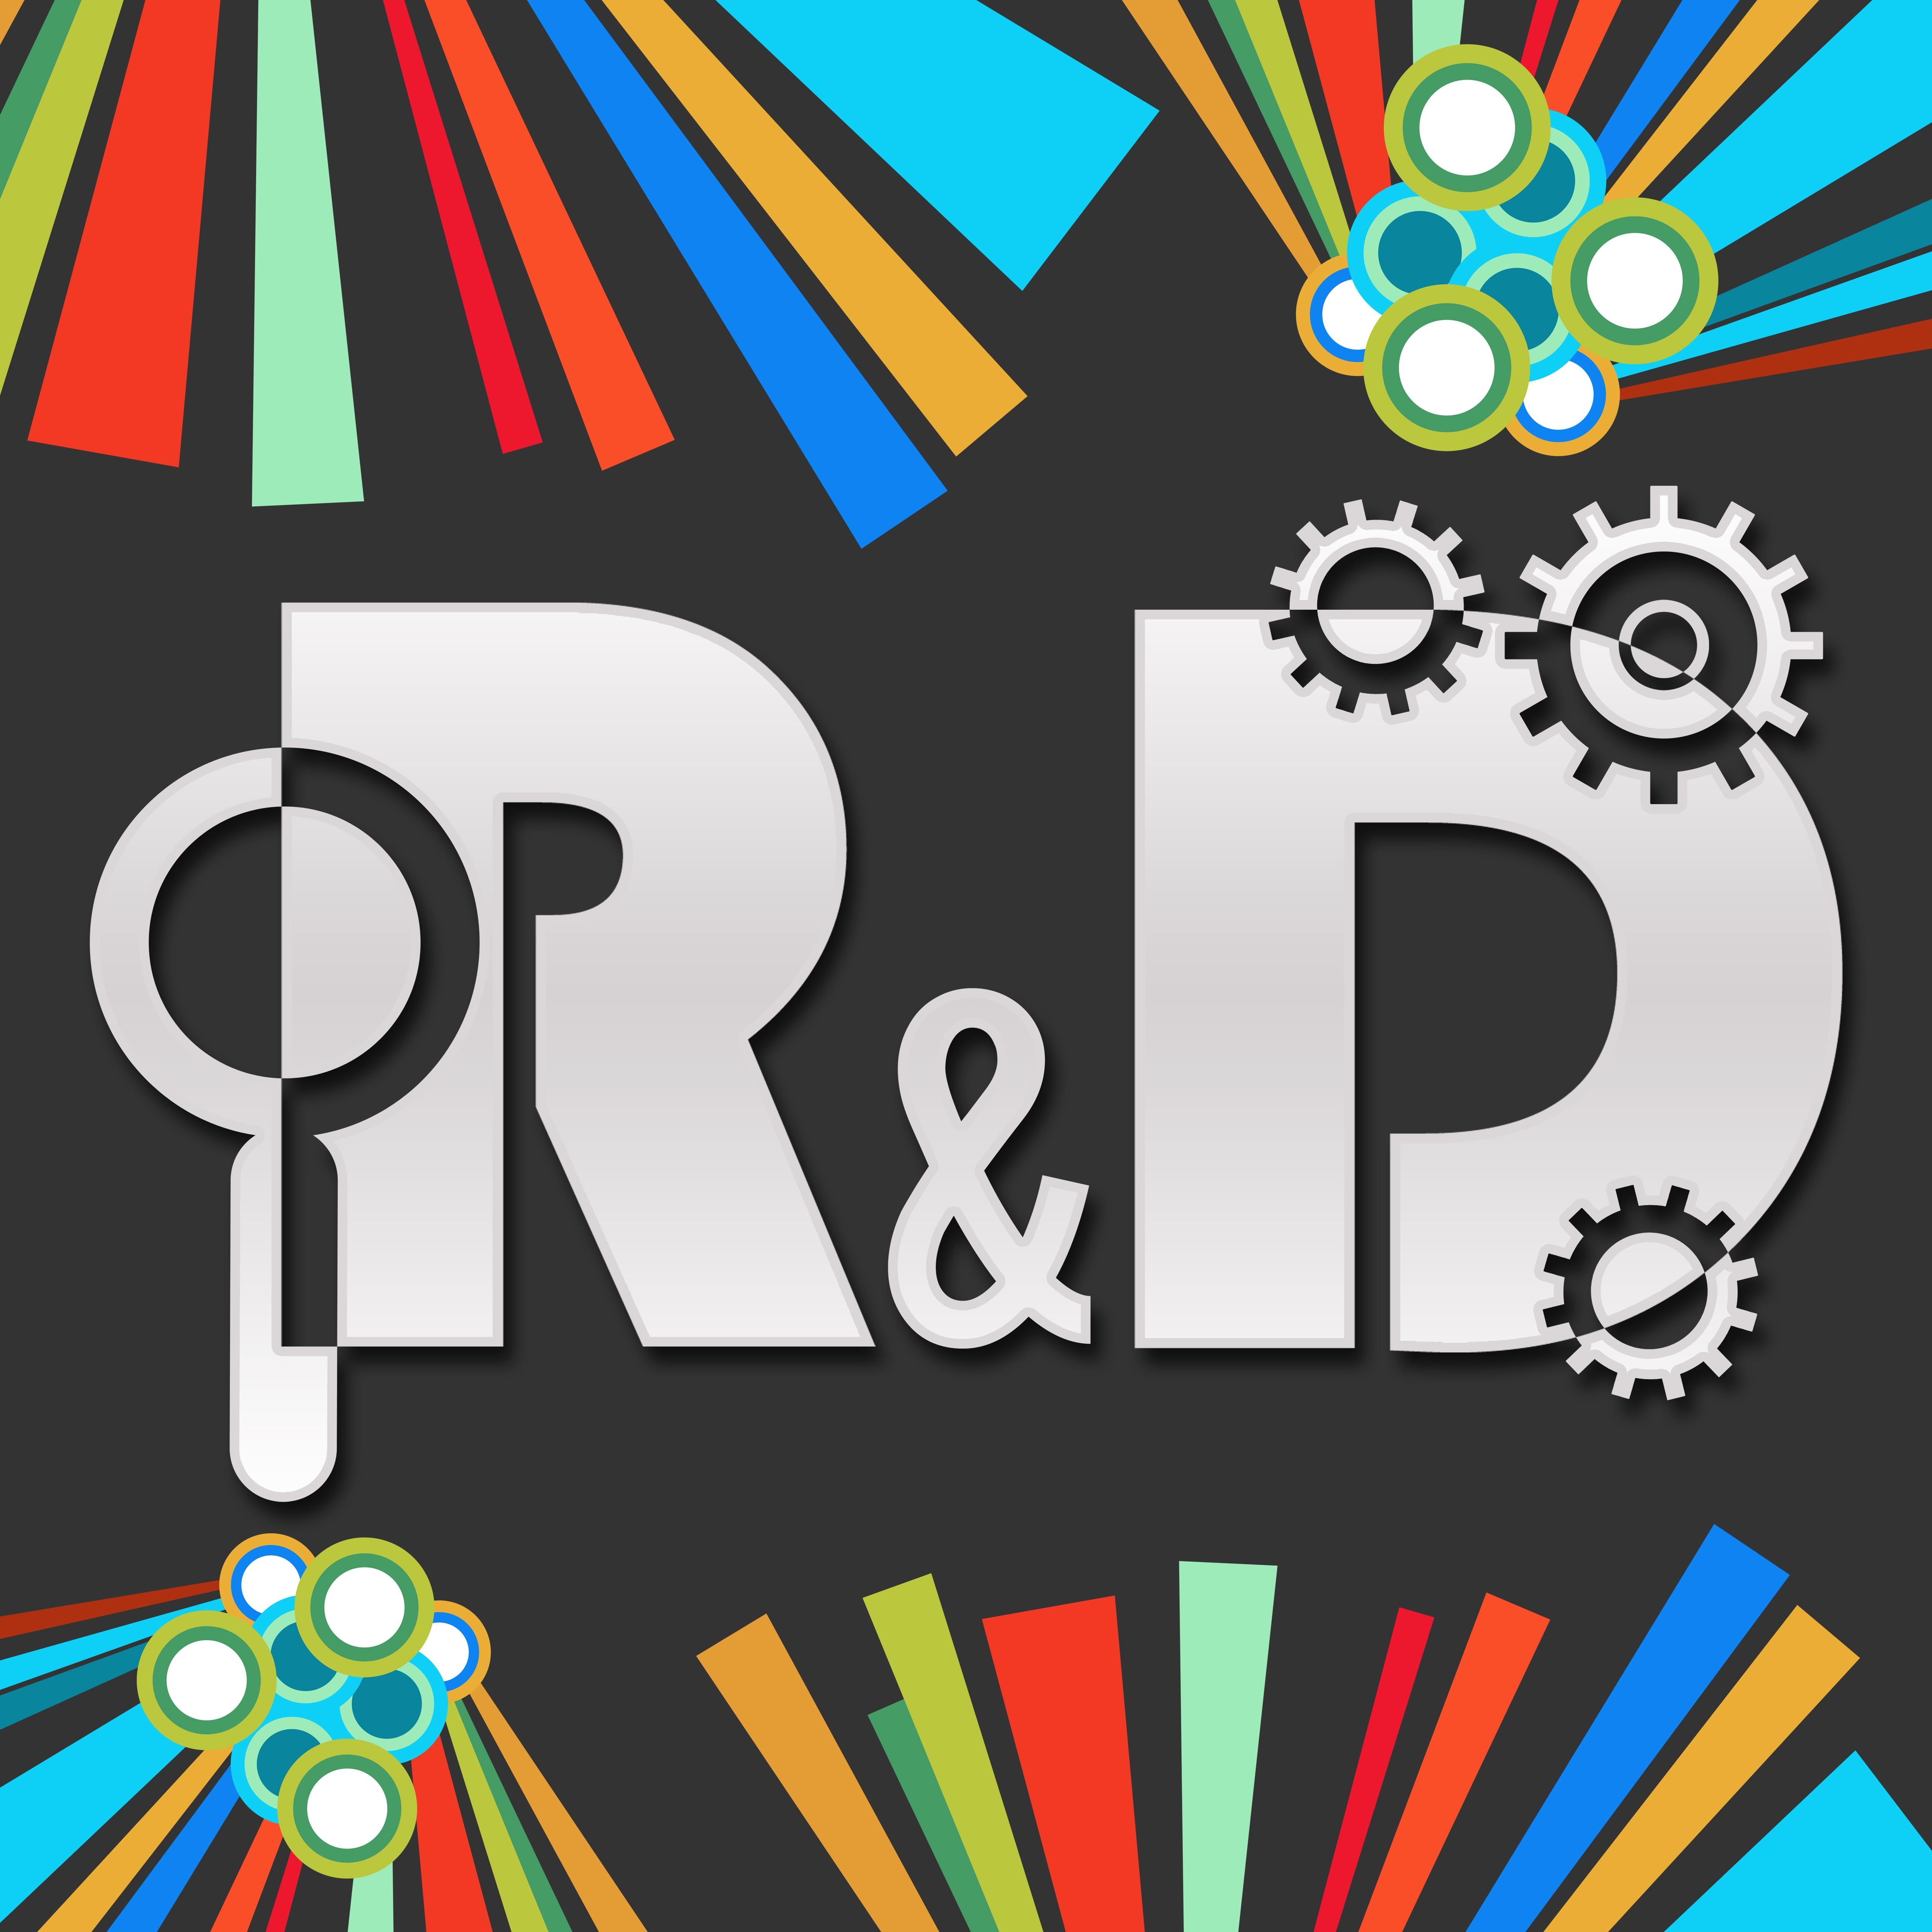 R&D Tax Credits Creativity Digital agencies